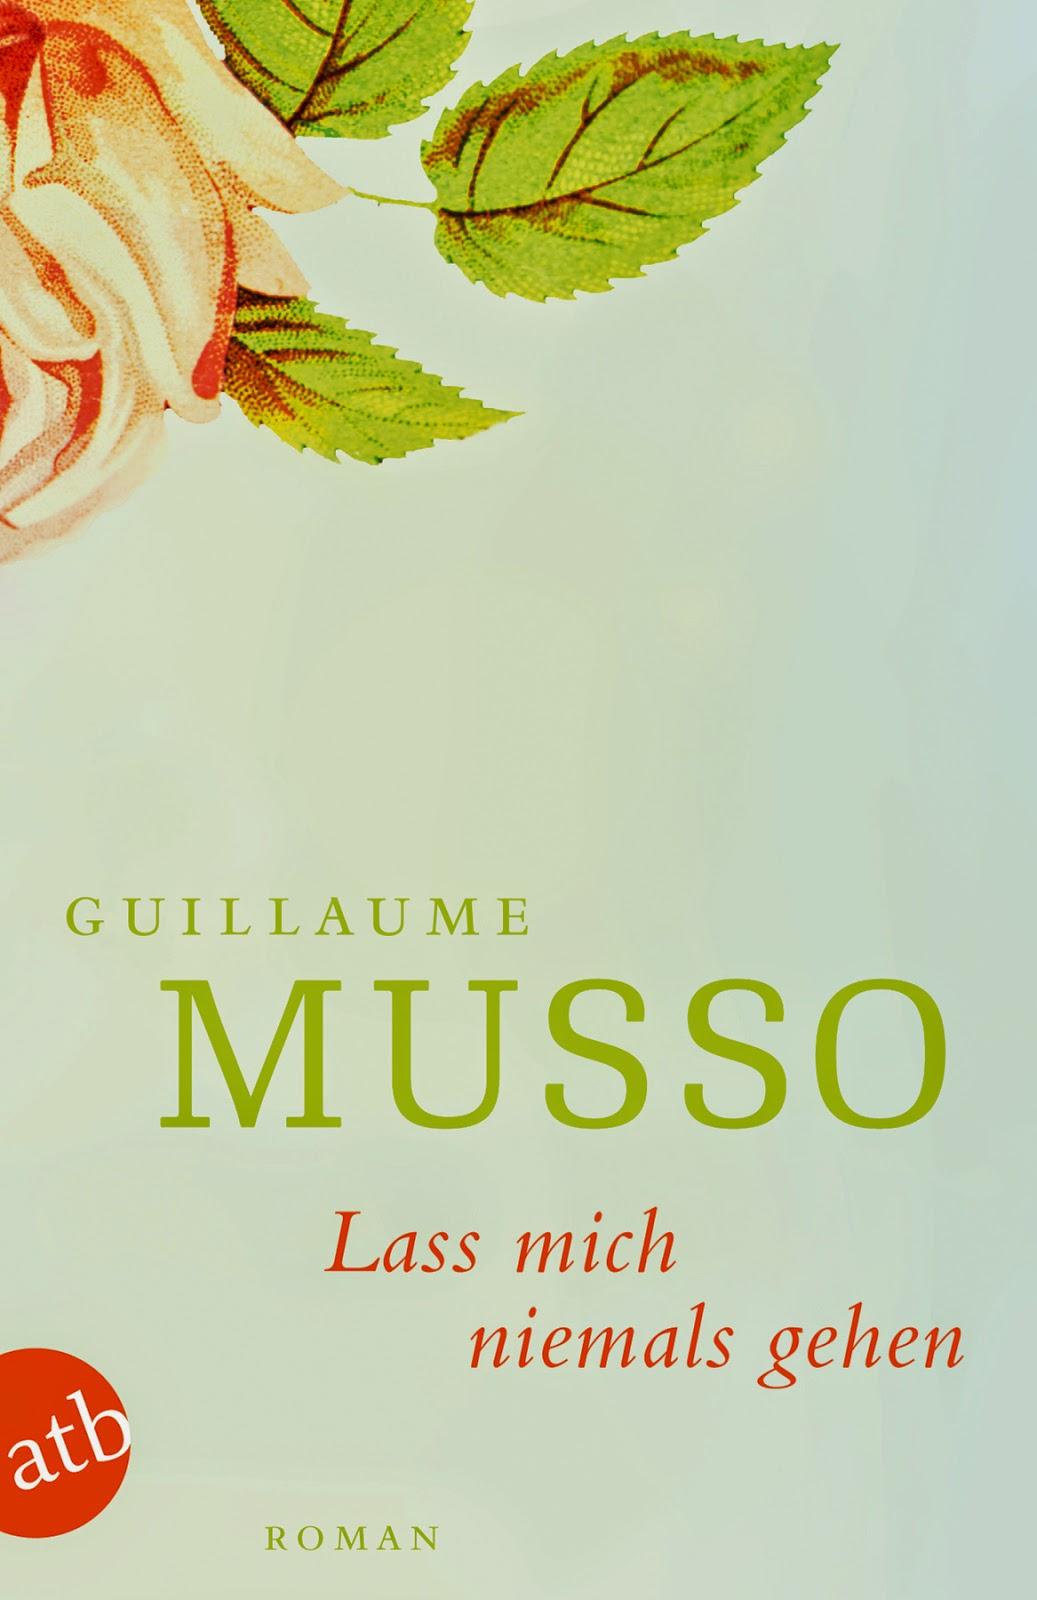 http://www.aufbau-verlag.de/index.php/lass-mich-niemals-gehen.html